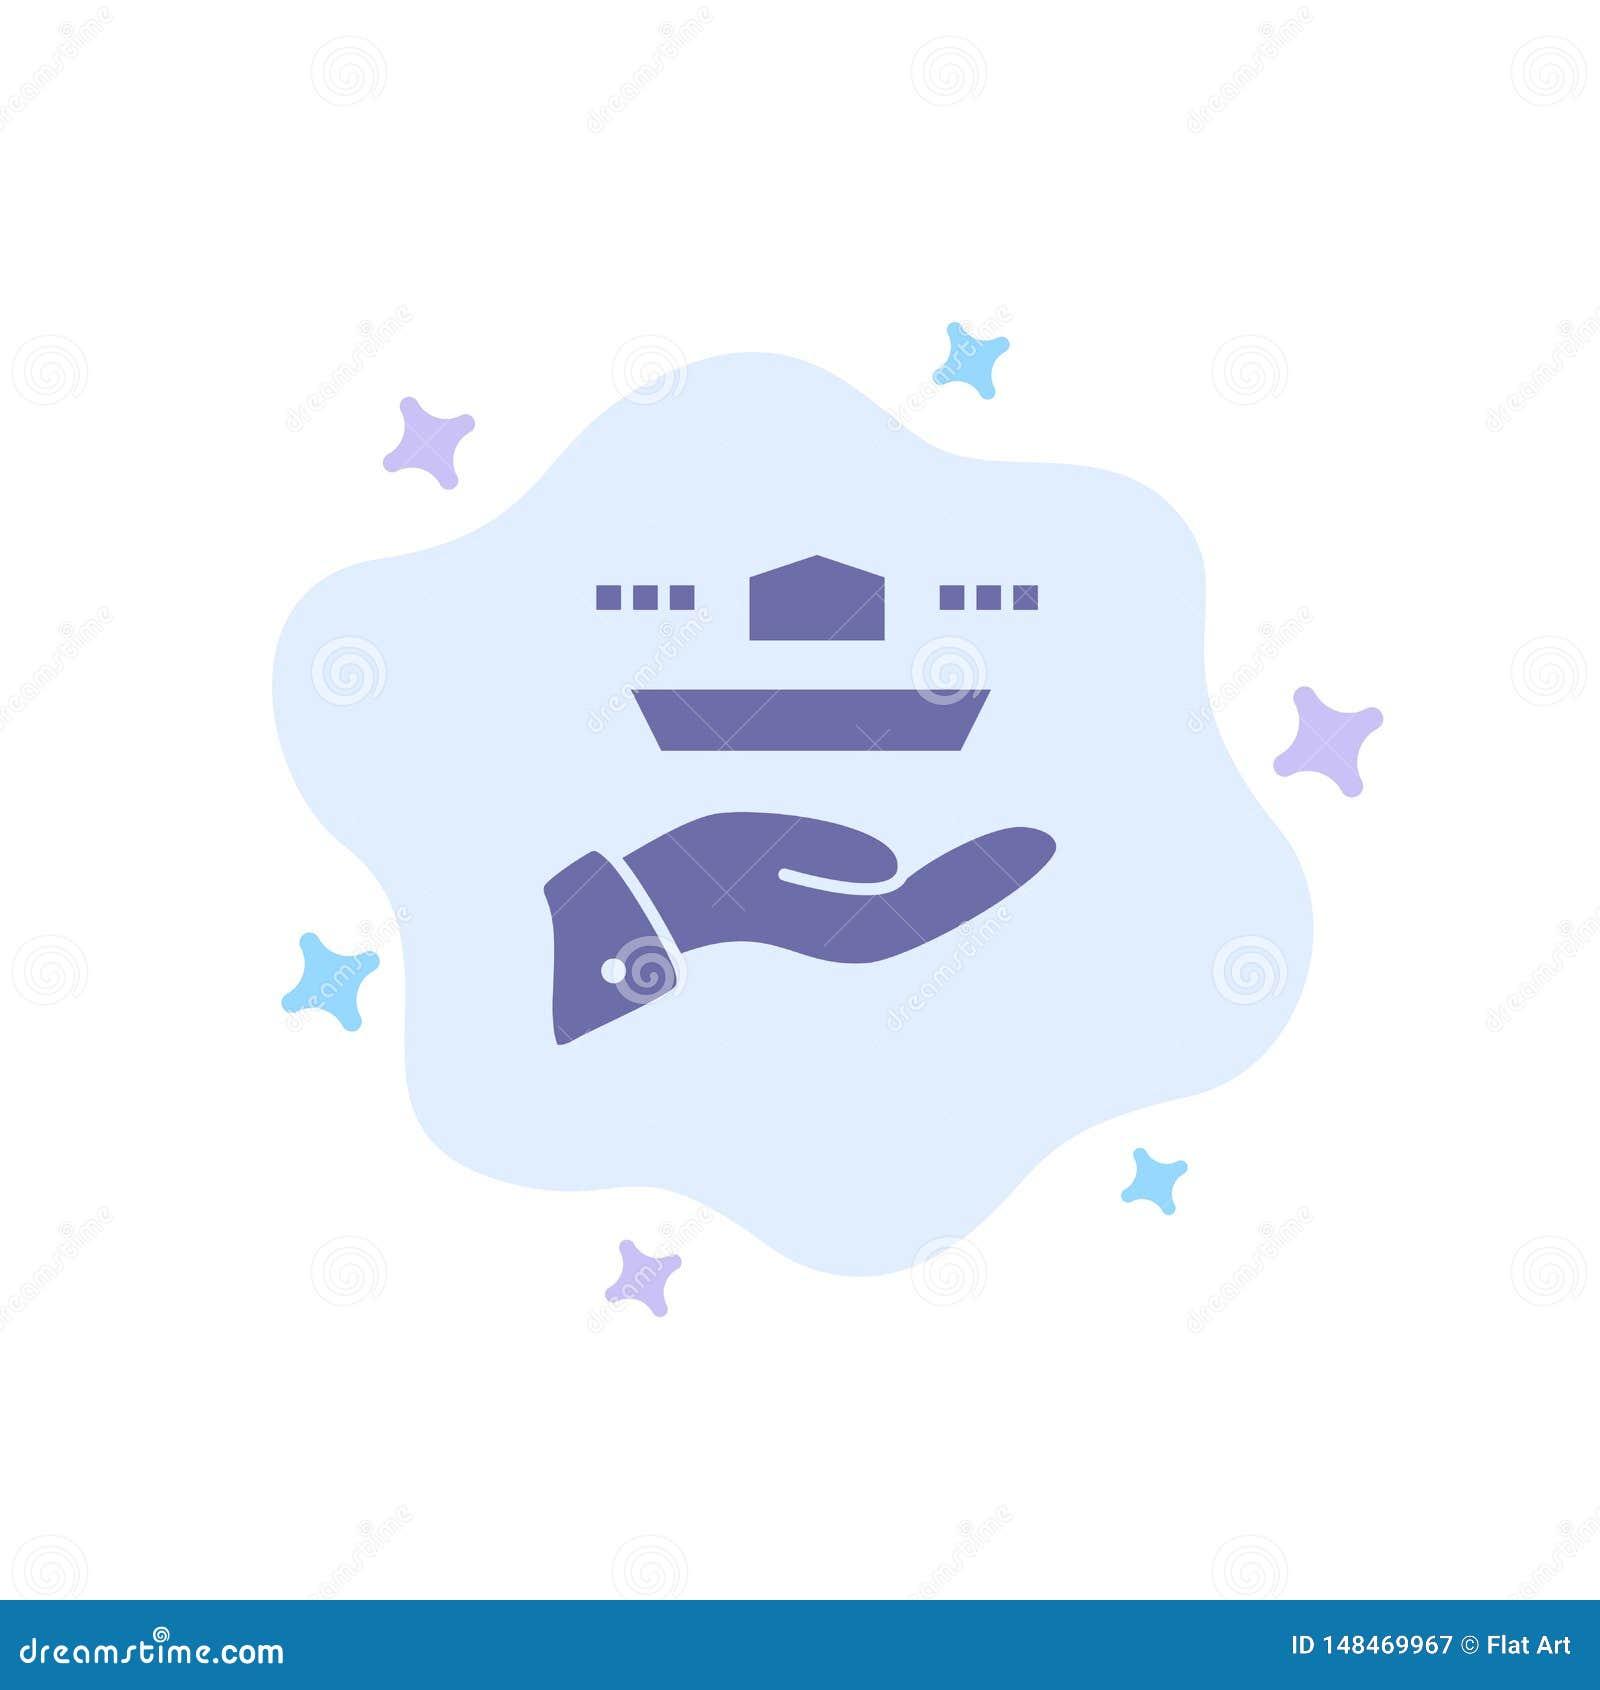 Ο σερβιτόρος, εστιατόριο, εξυπηρετεί, μεσημεριανό γεύμα, μπλε εικονίδιο γευμάτων στο αφηρημένο υπόβαθρο σύννεφων